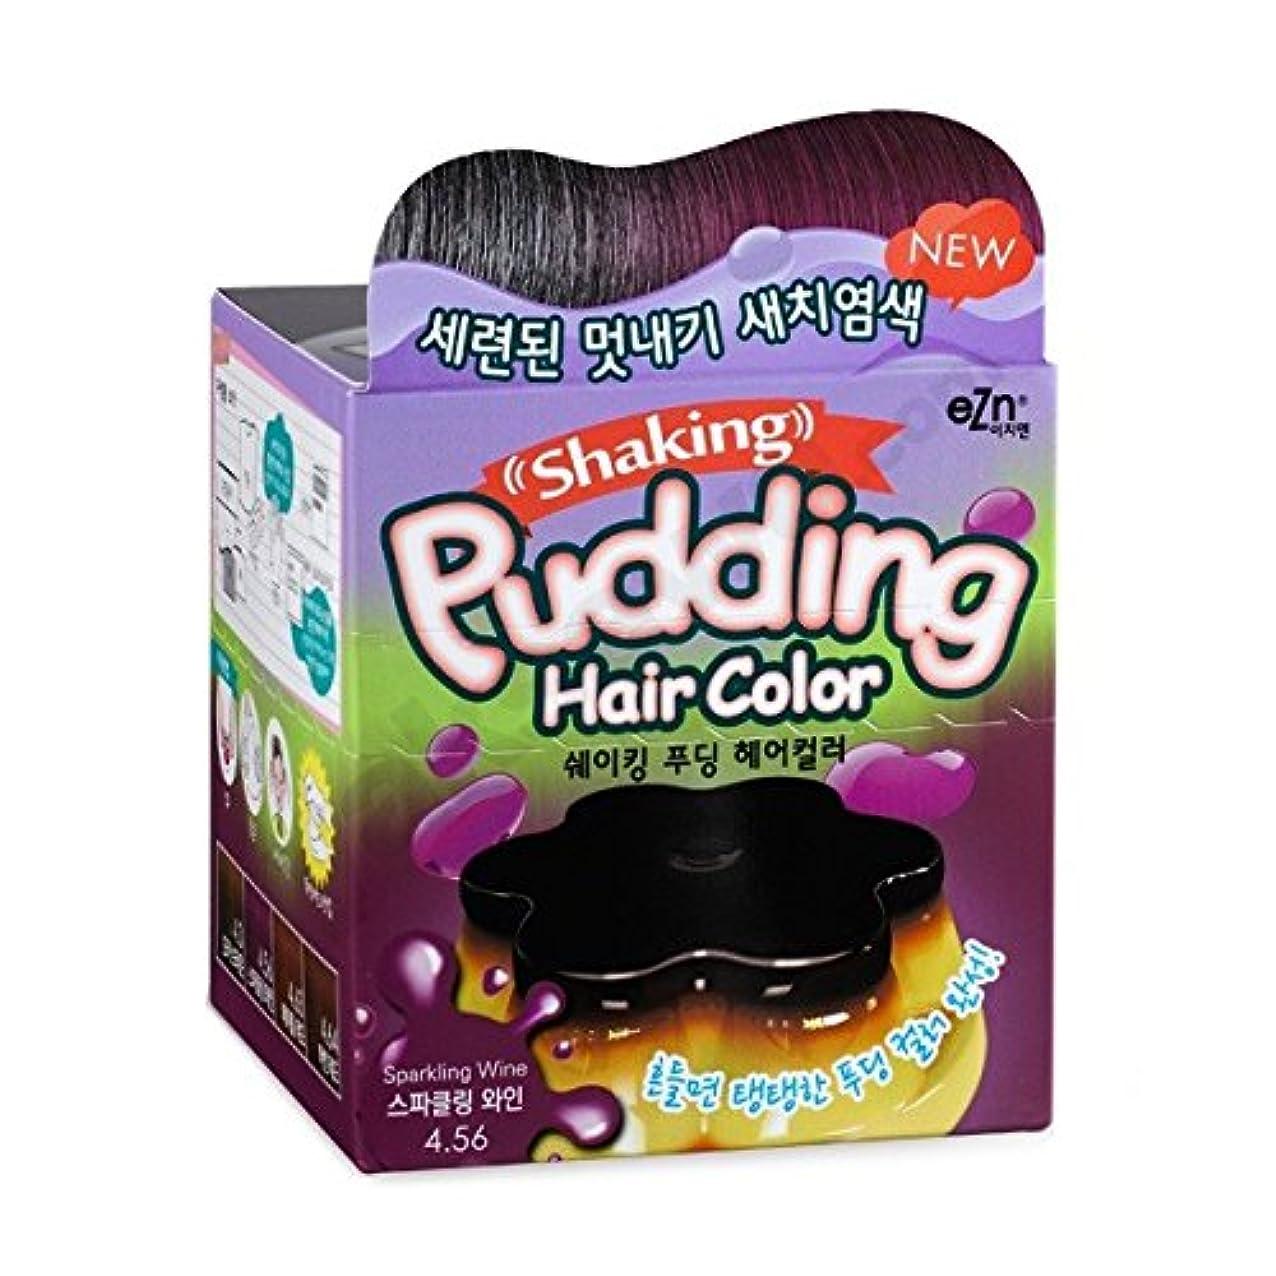 知覚的衣装アイスクリームKOREA NO.1 毛染め(hair dyeing) shaking pudding hair color (sparkling wine) [並行輸入品]